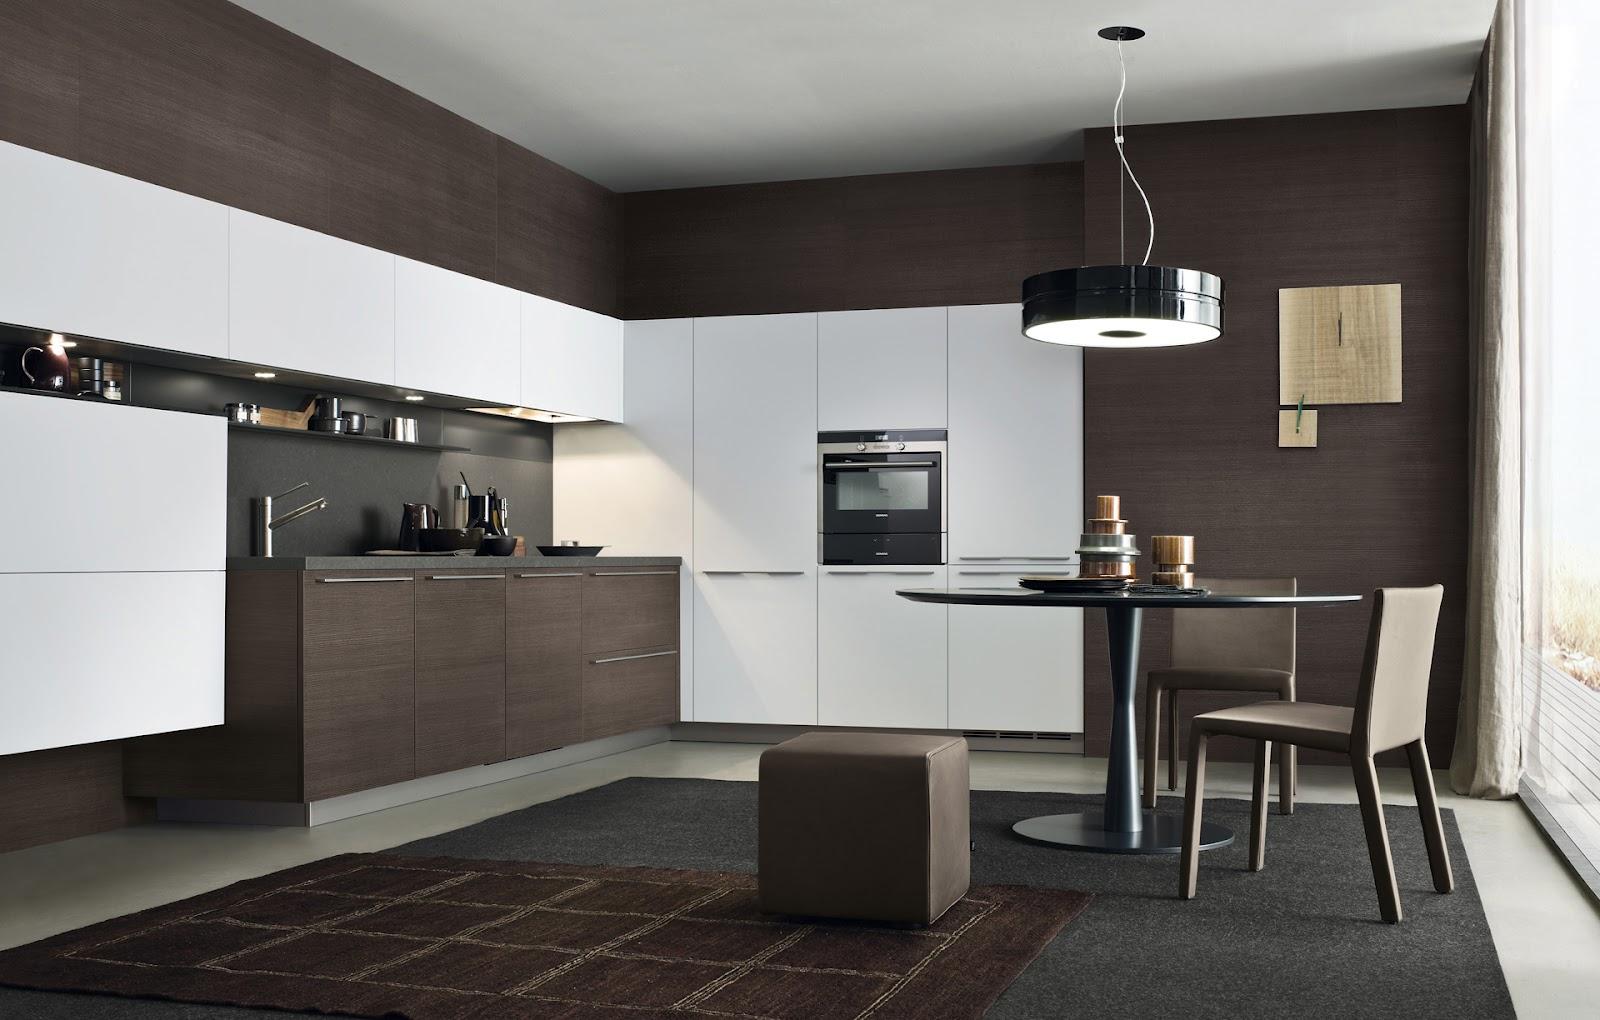 Los complejos rincones de la cocina  Cocinas con estilo